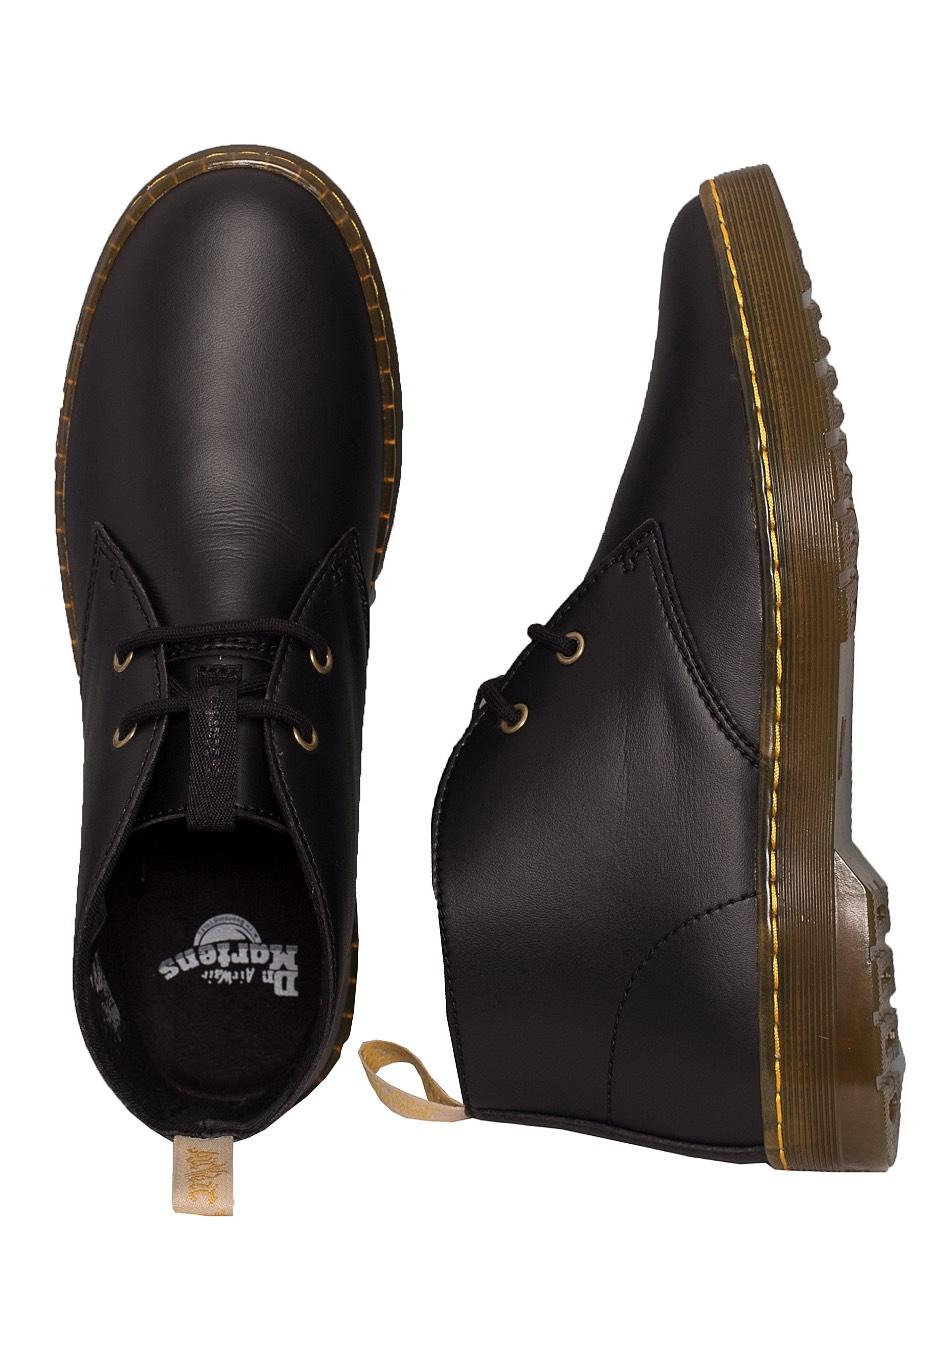 6fda1f8cc4a Dr. Martens - Cabrillo Felix Rub Off Vegan Black Chukka Boot - Shoes